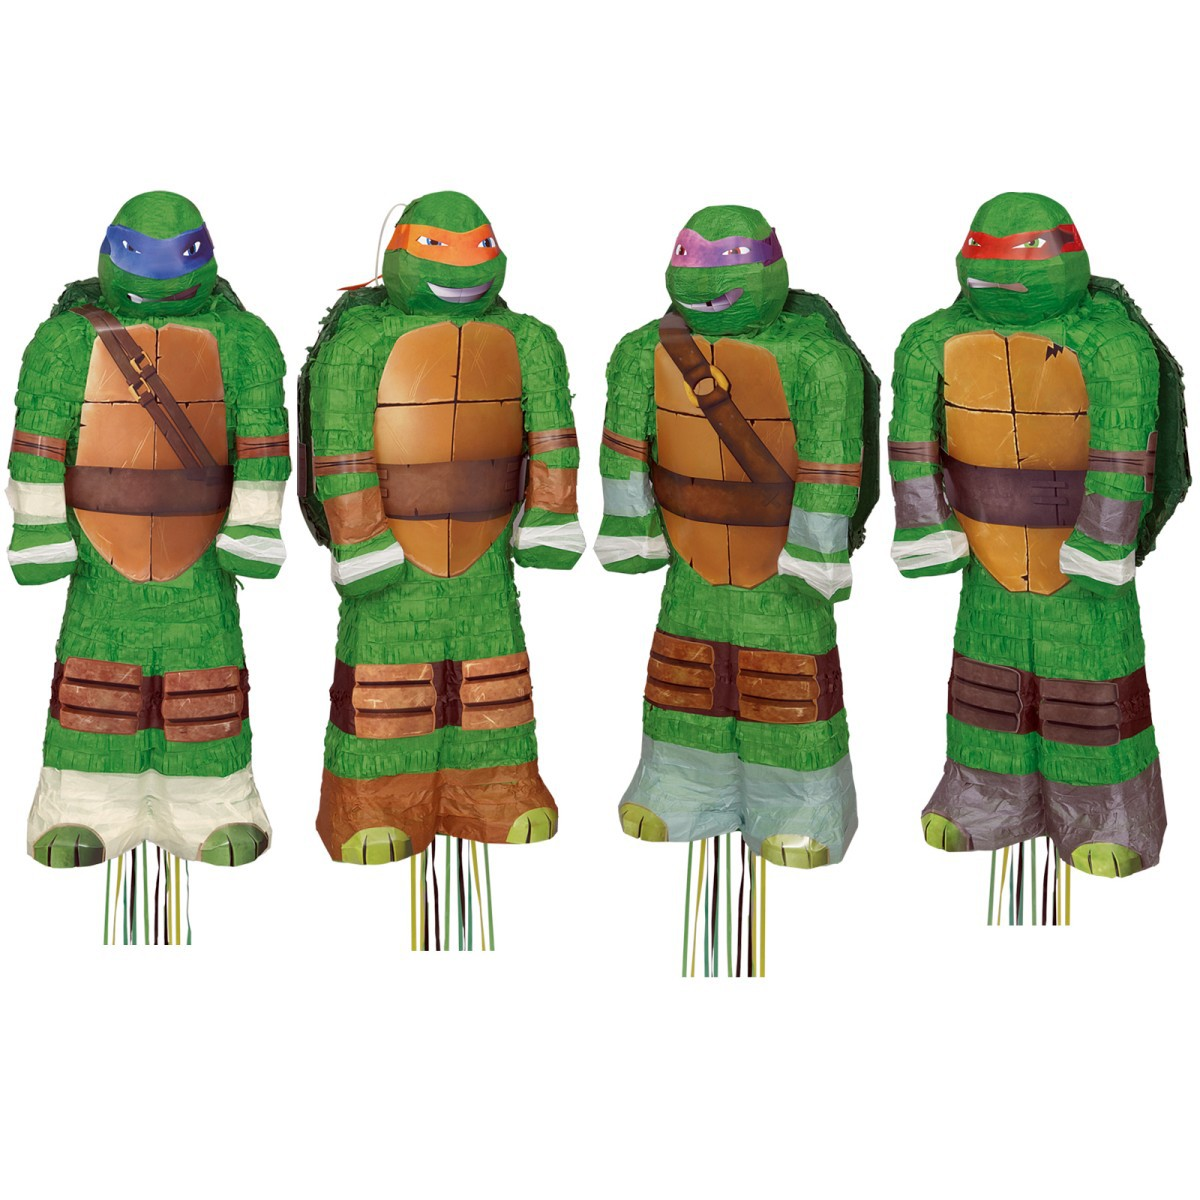 Juegos de Las Tortugas Ninja - MiniJuegos.com